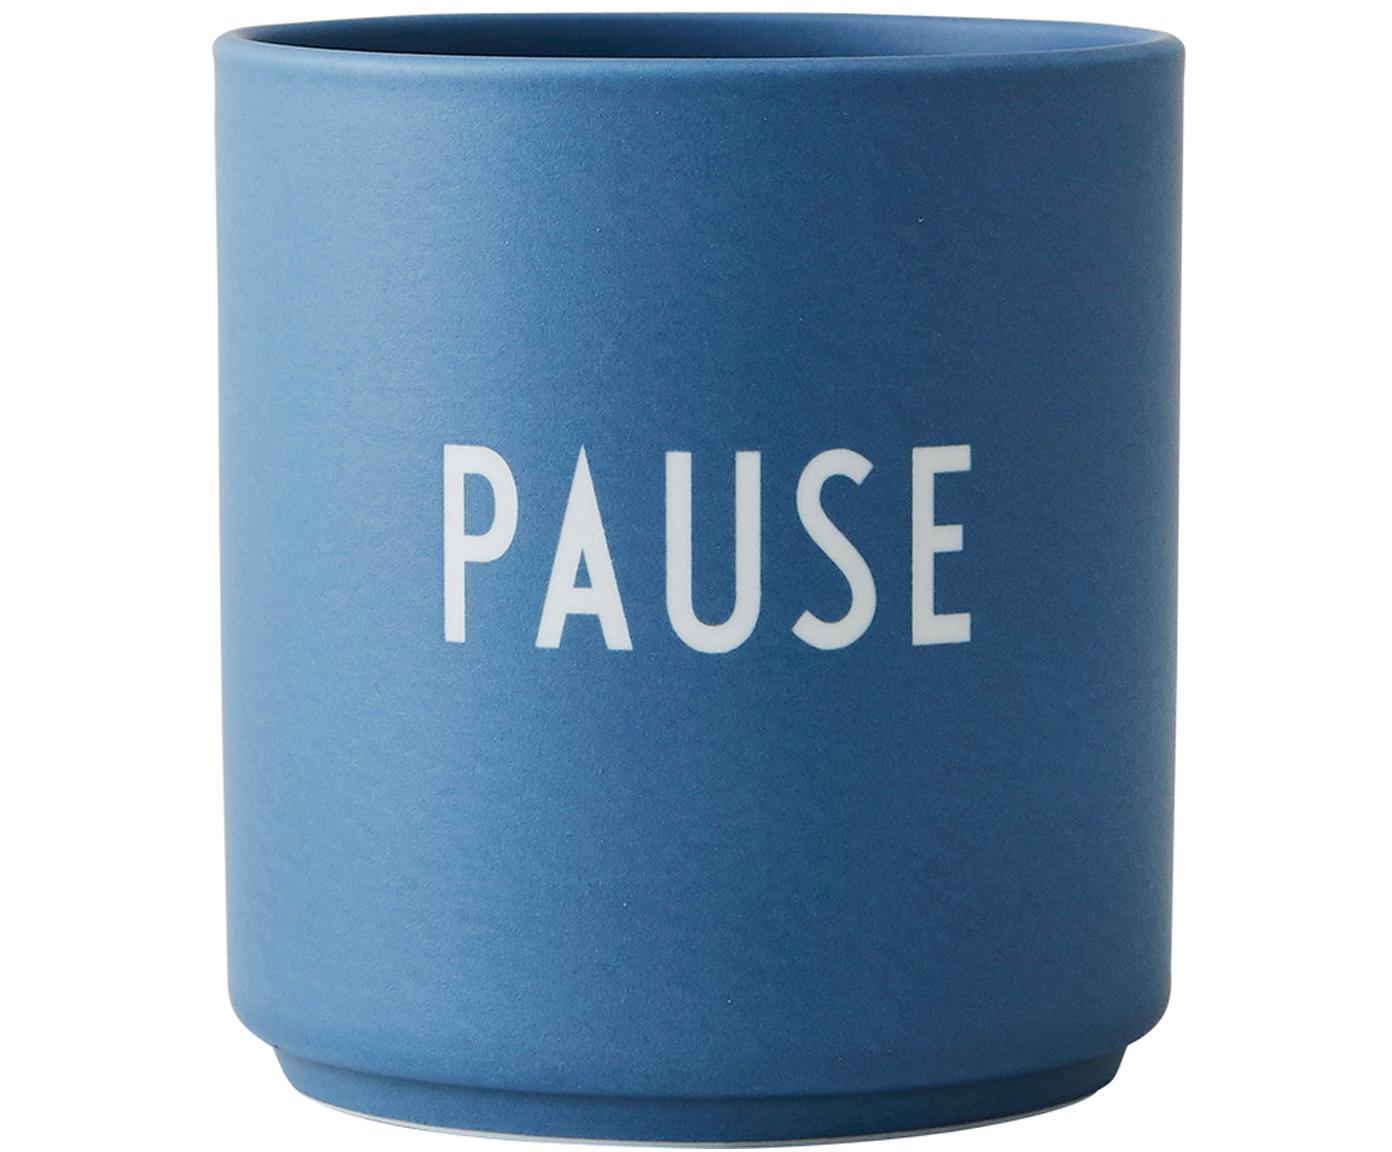 Design Becher Favourite PAUSE in Blau mit Schriftzug, Fine Bone China (Porzellan), Blau, Ø 8 x H 9 cm